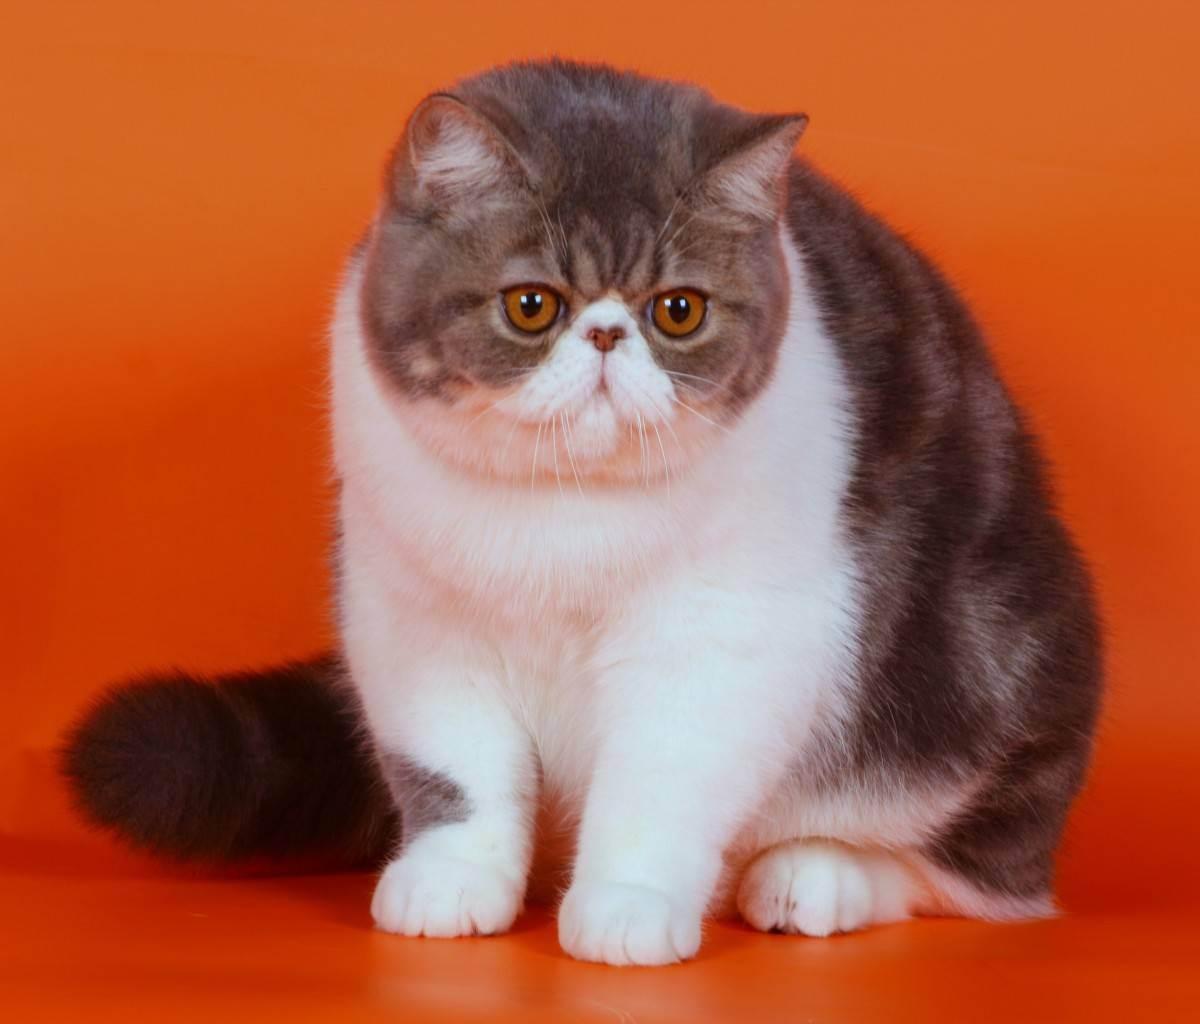 Короткошёрстная экзотическая кошка: описание, характеристика и фото кота породы экзот